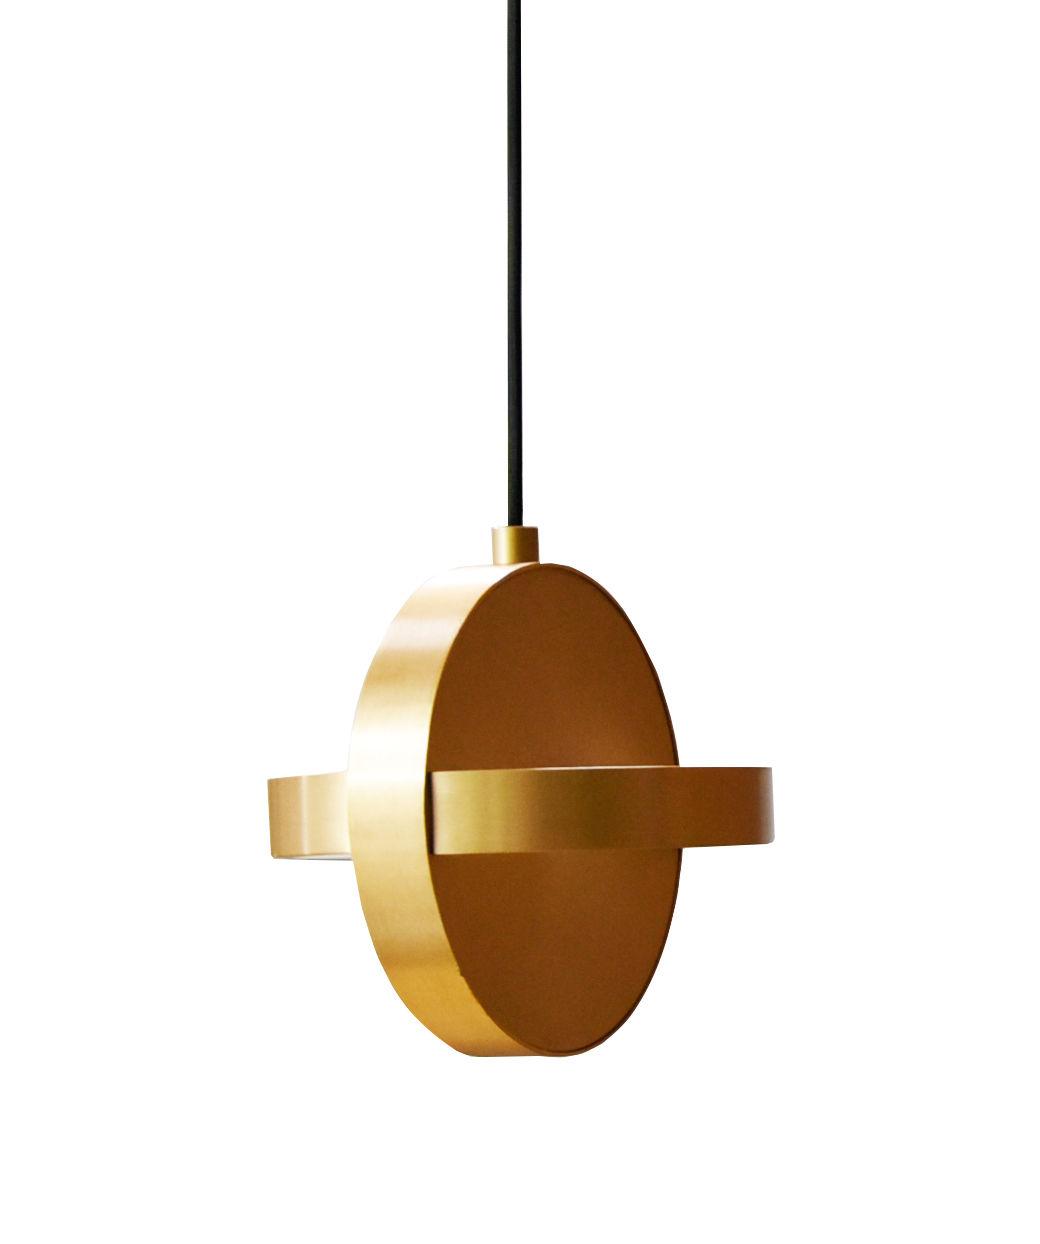 suspension plus led aluminium laiton enostudio made in design. Black Bedroom Furniture Sets. Home Design Ideas